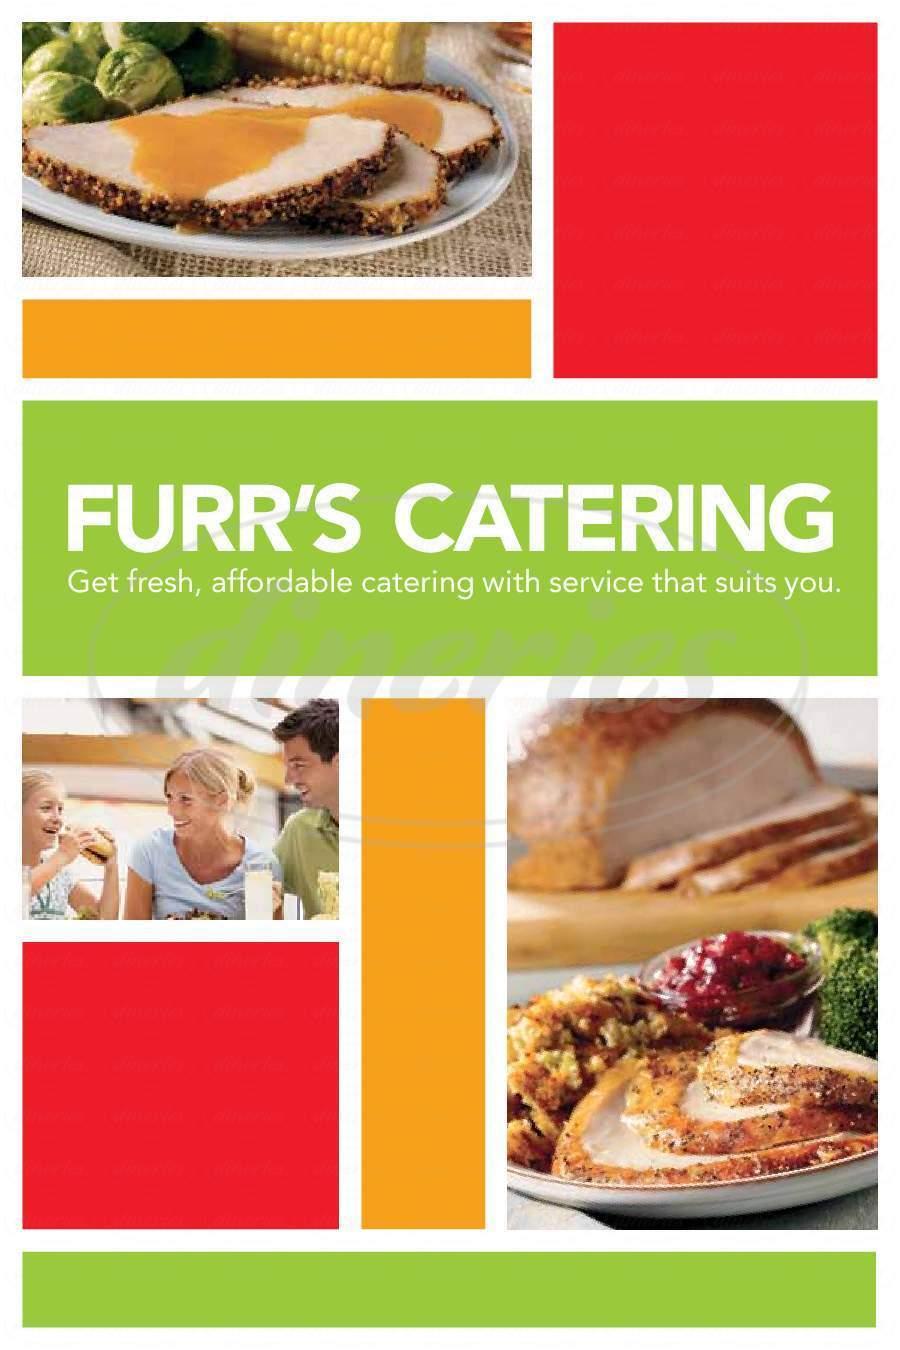 menu for Furr's Cafeteria